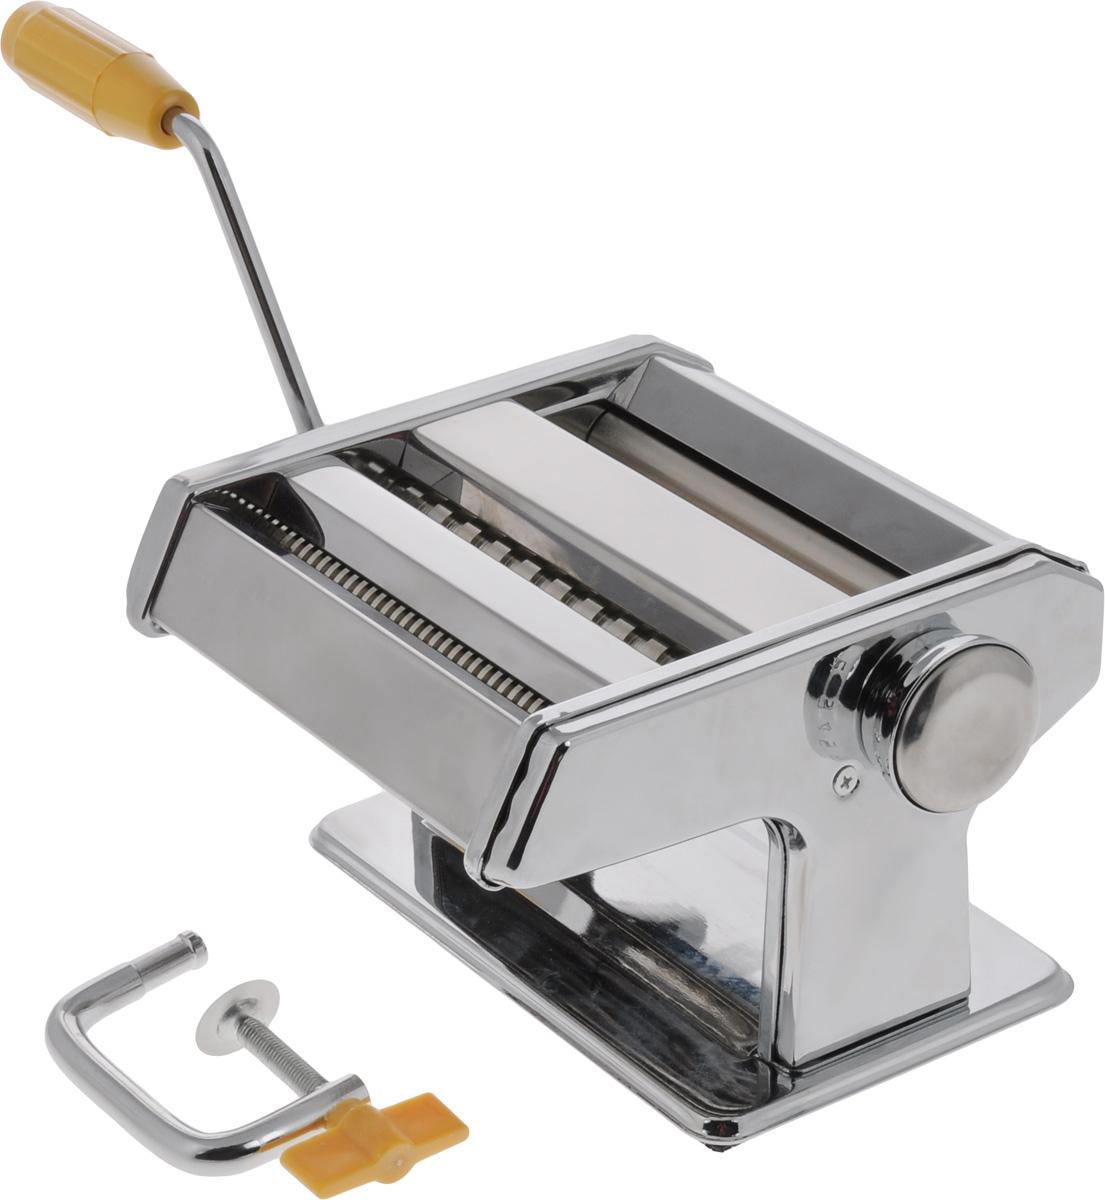 Лапшерезка ручная Mayer & Boch22603Ручная лапшерезка Mayer & Boch изготовлена из высококачественной углеродистой стали с зеркальной полировкой. Изделие прекрасно подходит для раскатки теста для лазаньи, домашней лапши или пасты. Лапшерезка оснащена валиком для раскатки теста и съемной ручкой. В комплекте - струбцина для крепления к столу. Принцип работы лапшерезки очень прост: вращая рукоятку, вы запускаете валики, которые позволяют раскатать идеально тонкое тесто, с помощью ручки раскатанное тесто также можно разрезать на узкие или широкие полоски. Для удобства использования ручка оснащена пластиковой вставкой.Лапшерезка Mayer & Boch имеет 9 режимов толщины раскатки теста и позволяет нарезать 2 вида лапши.Размер лапшерезки (ДхШхВ): 18,5 х 18,5 х 13 см.Ширина плоской лапши: 6,5 мм.Ширина спагетти: 2 мм.